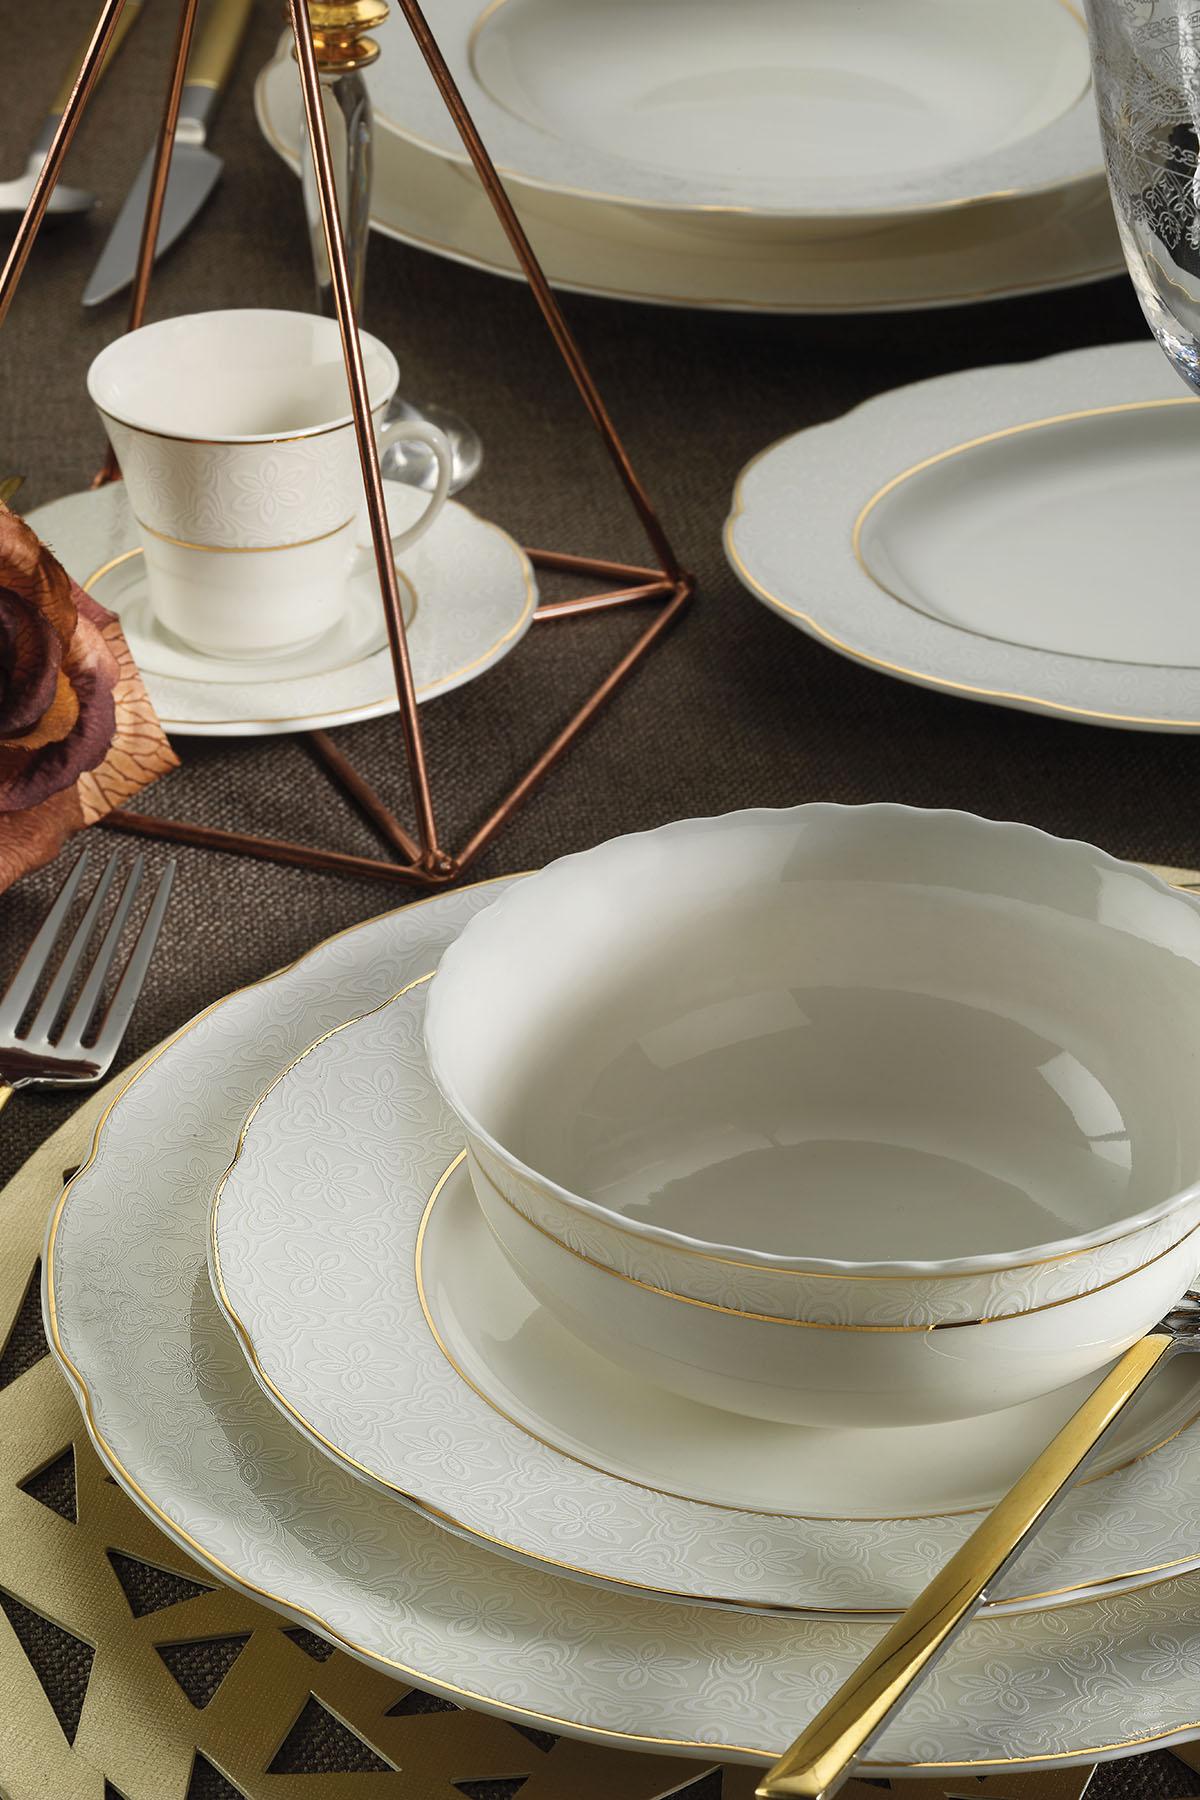 BONAMORE - Kütahya Porselen Bone Olympos 68 Parça 10068 Desenli Yemek Takımı